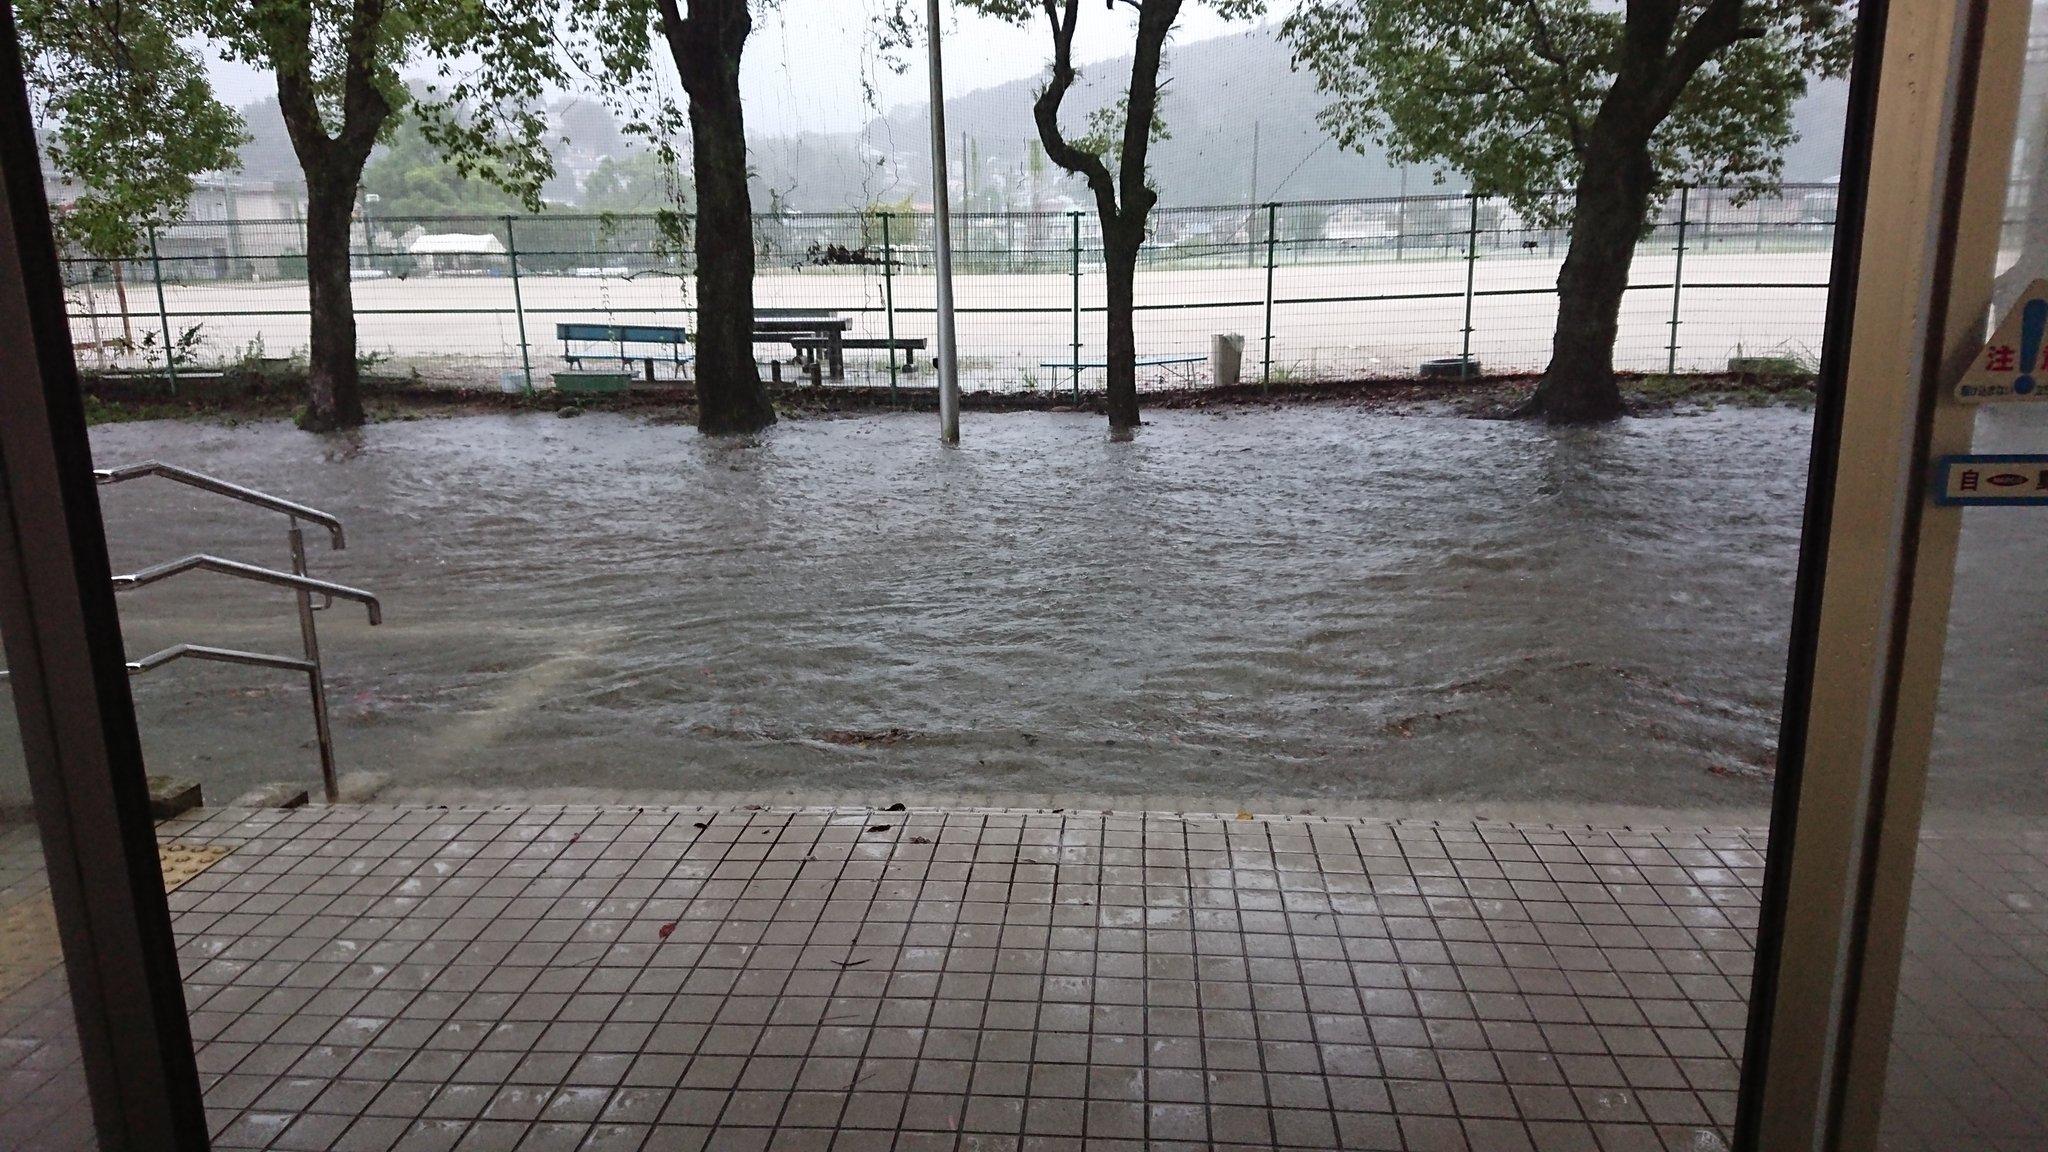 画像,現在の高知大学朝倉キャンパスの状況です。現状西側の道路が浸水しています https://t.co/Cf1EwlrXBX。